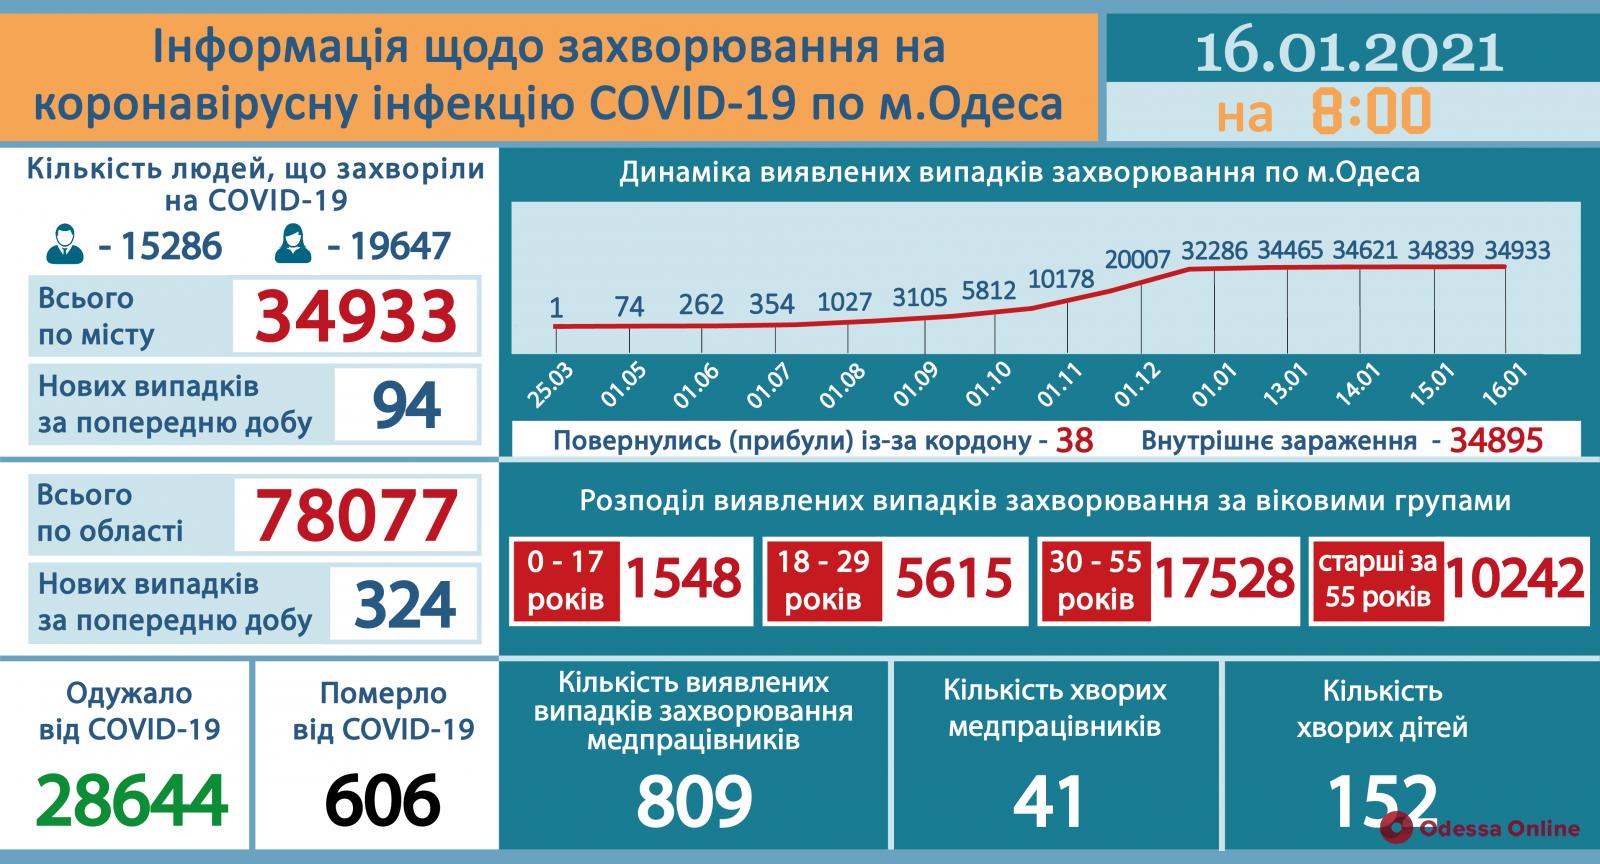 COVID-19: в Одесской области за сутки заболели 324 человека